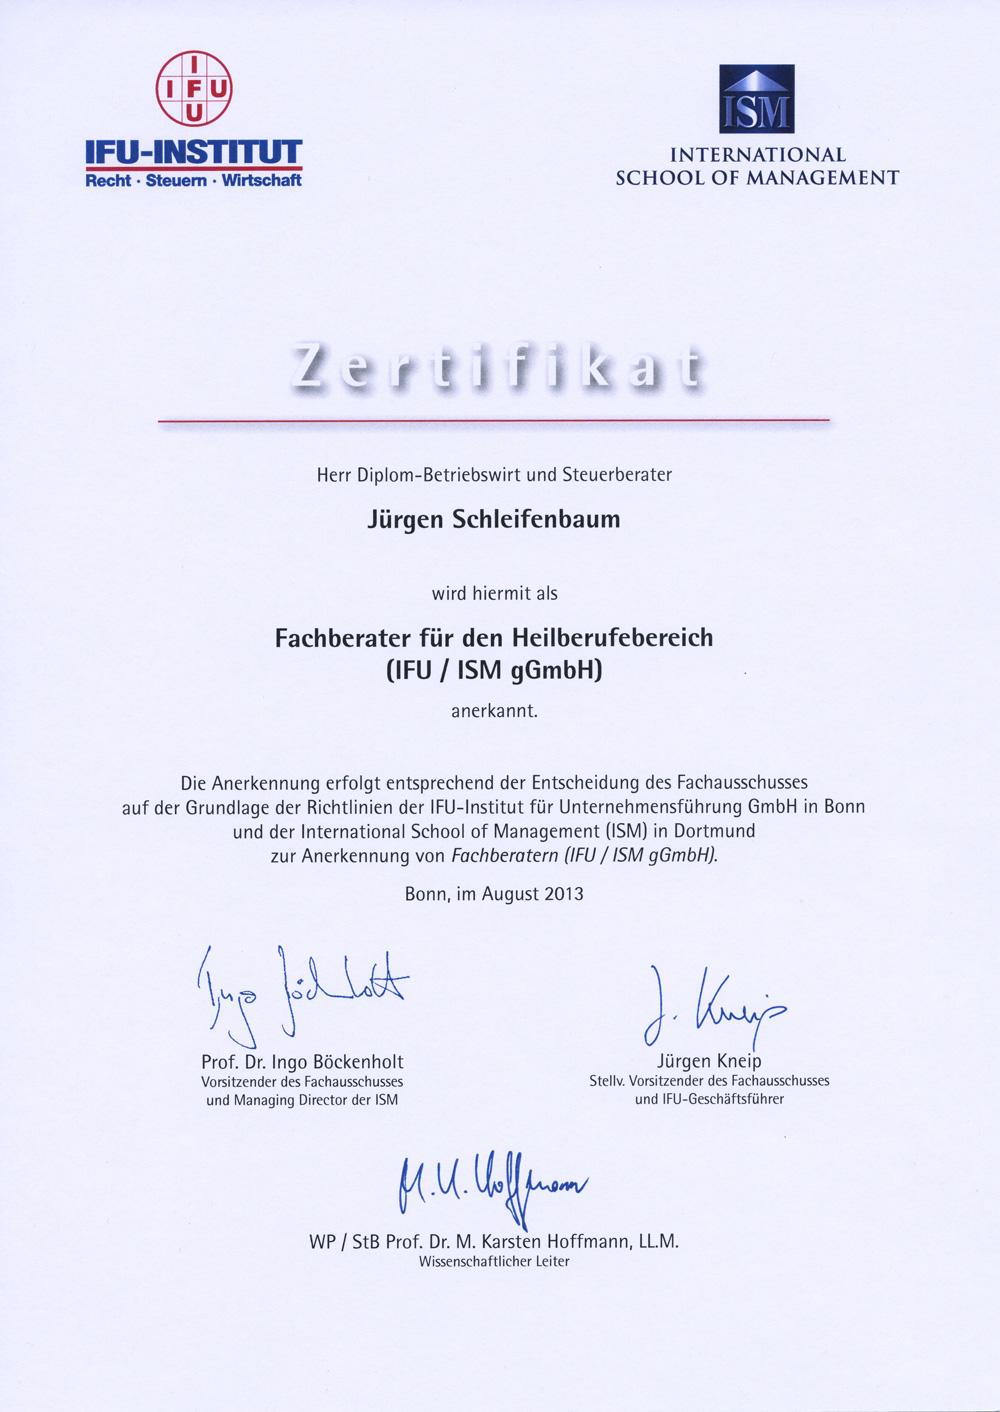 Fachberater_fuer_Heilberufebereich_Schleifenbaum